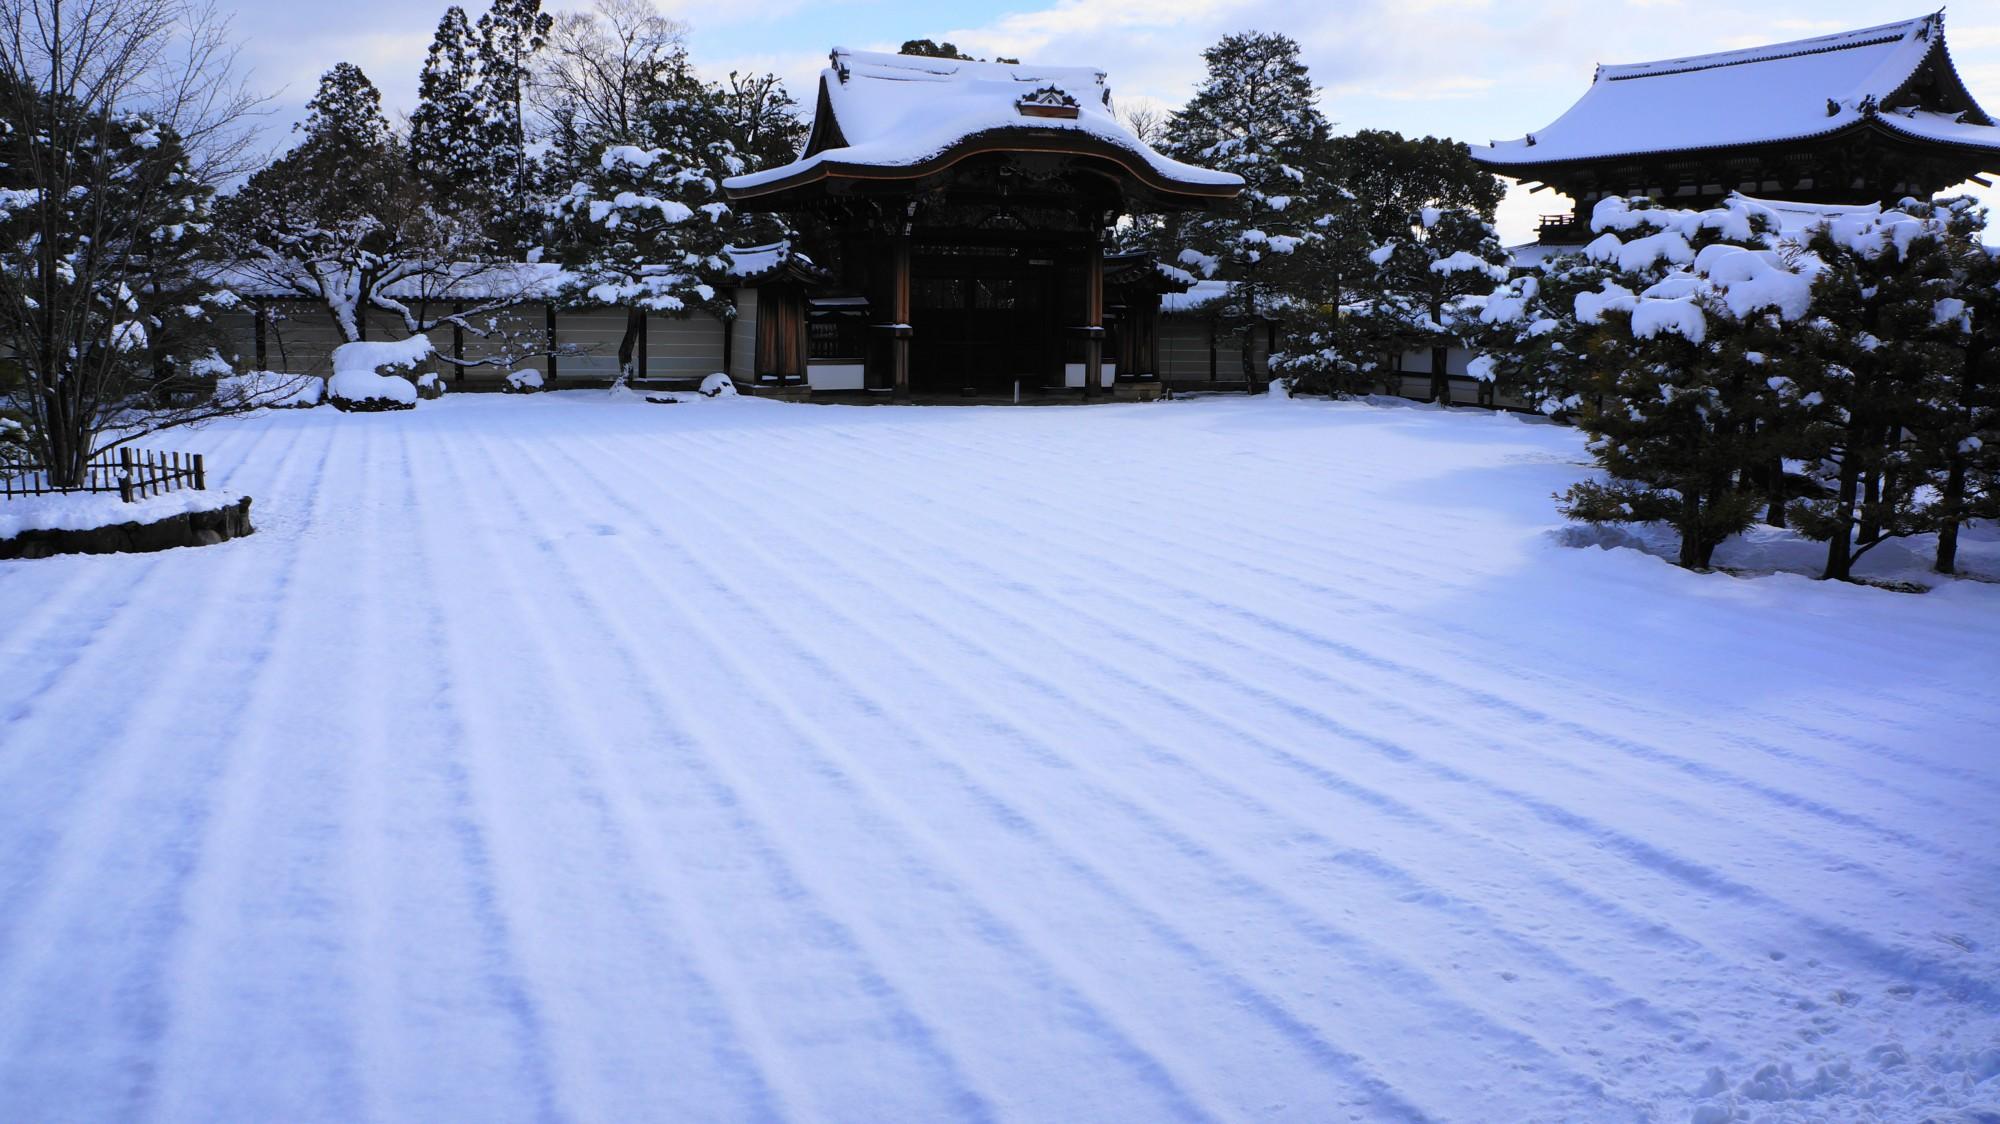 仁和寺の素晴らしい雪景色